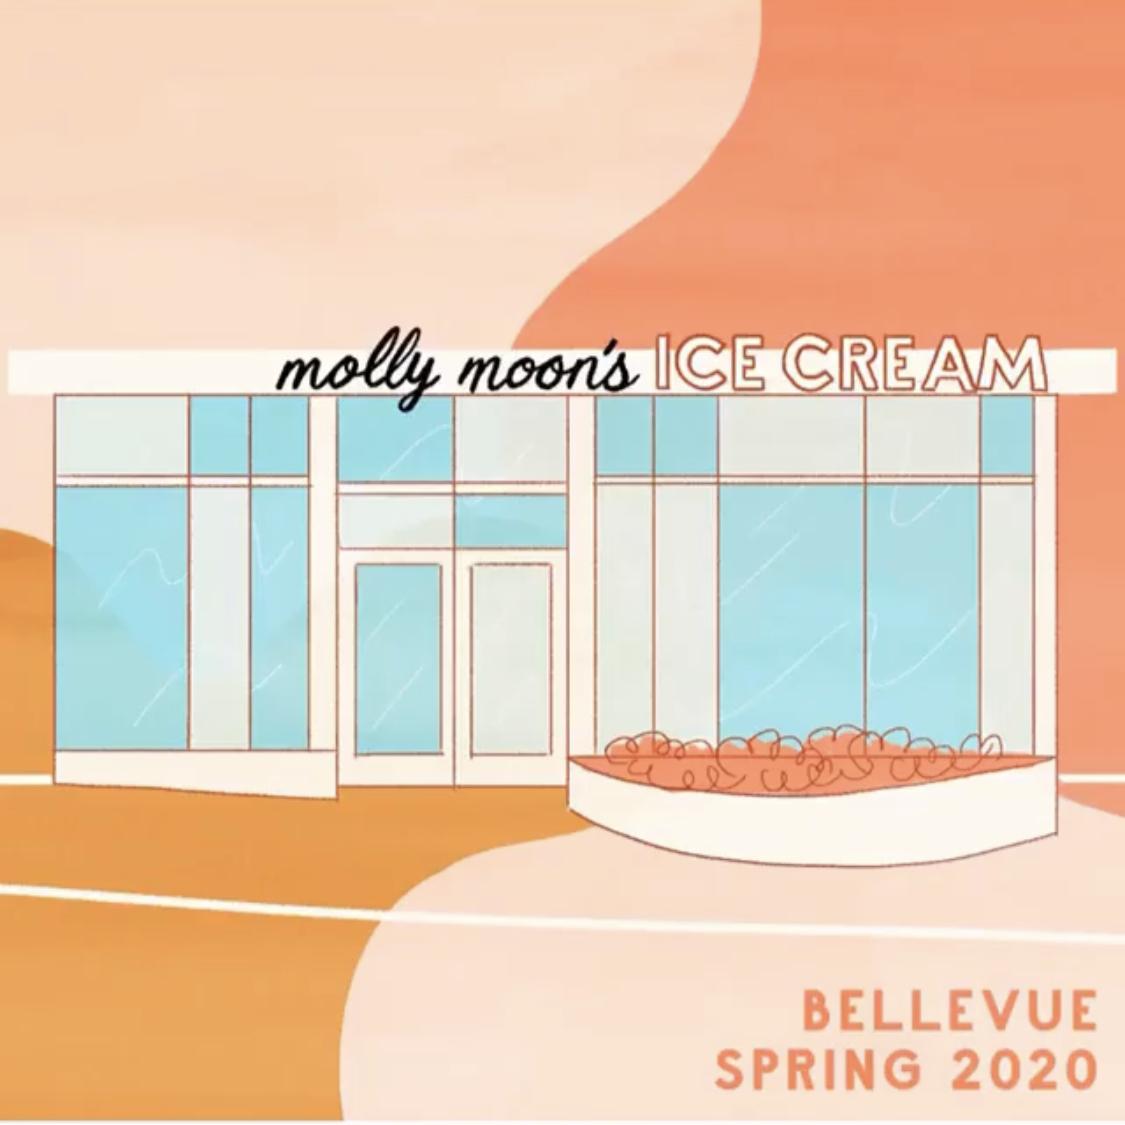 Molly Moon's Rendering of New Bellevue Ice Cream Shop